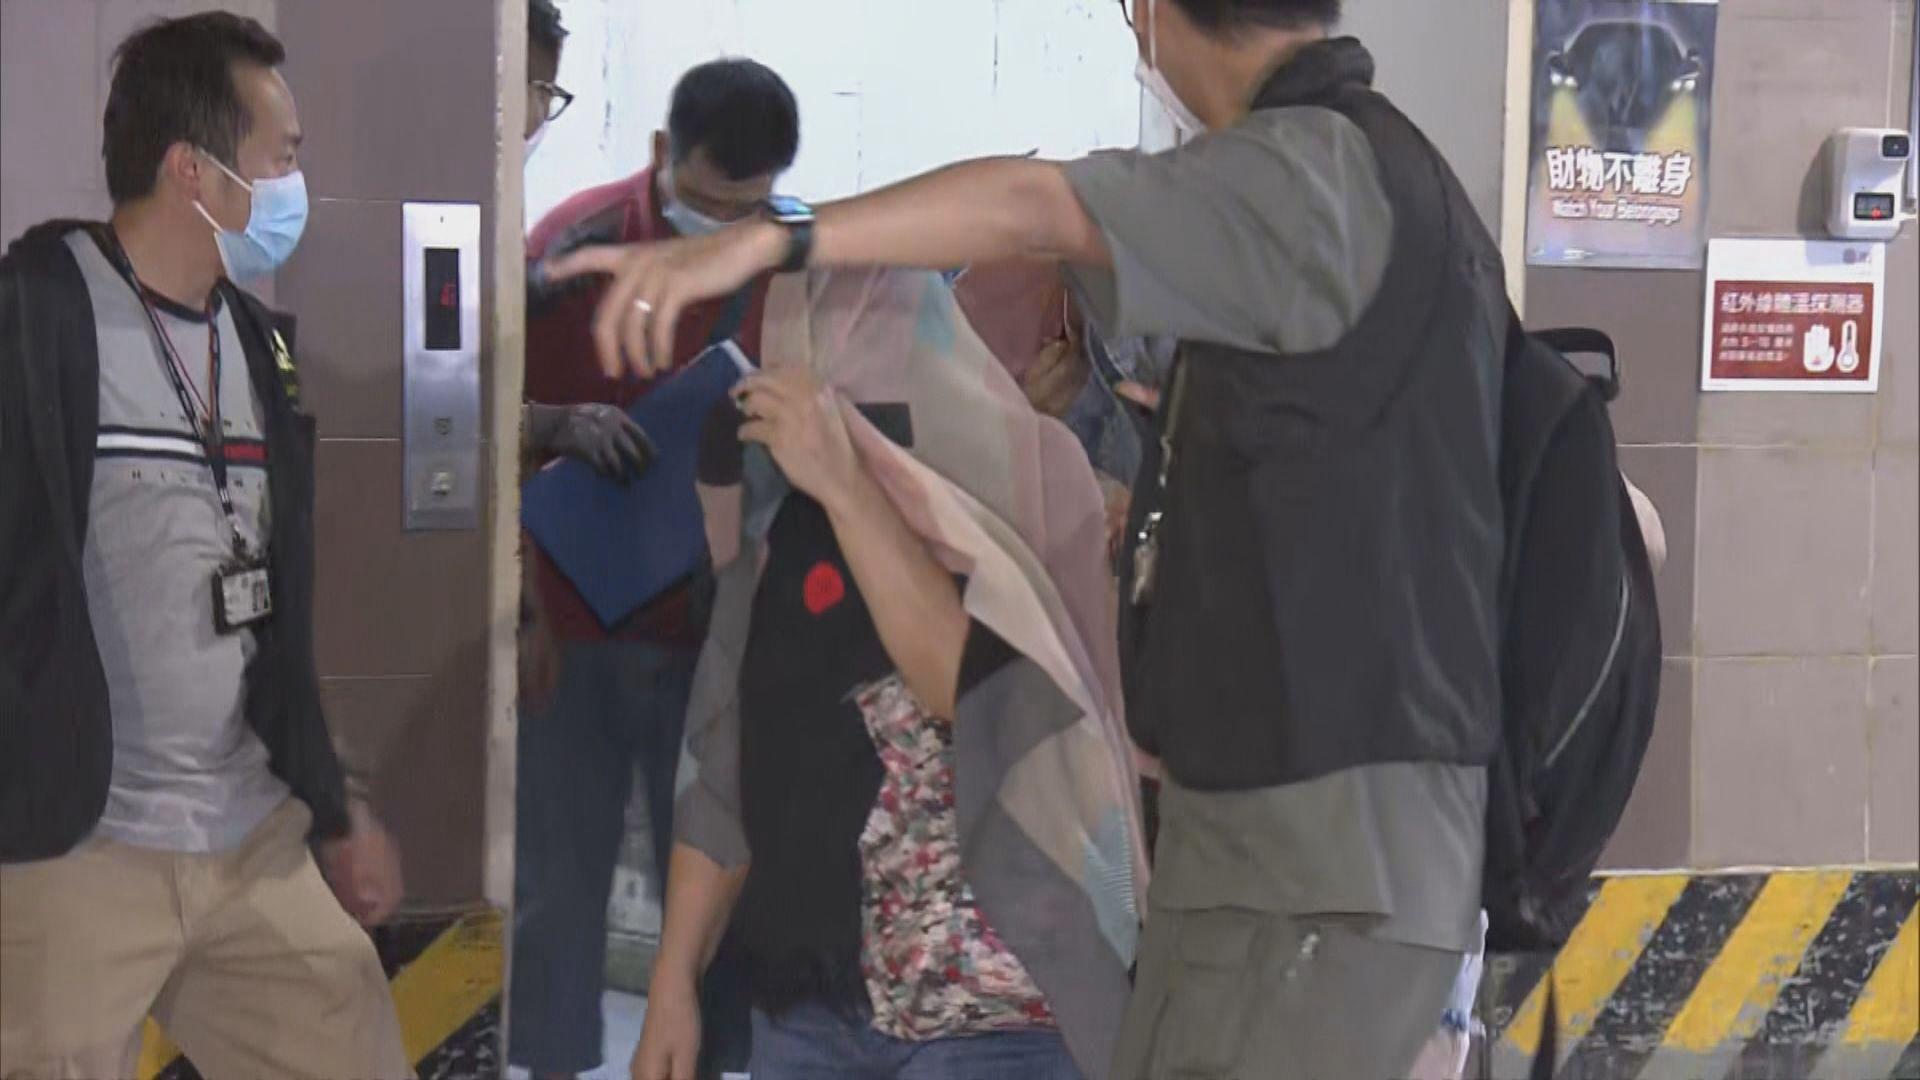 警方破觀塘非法賭檔拘28人